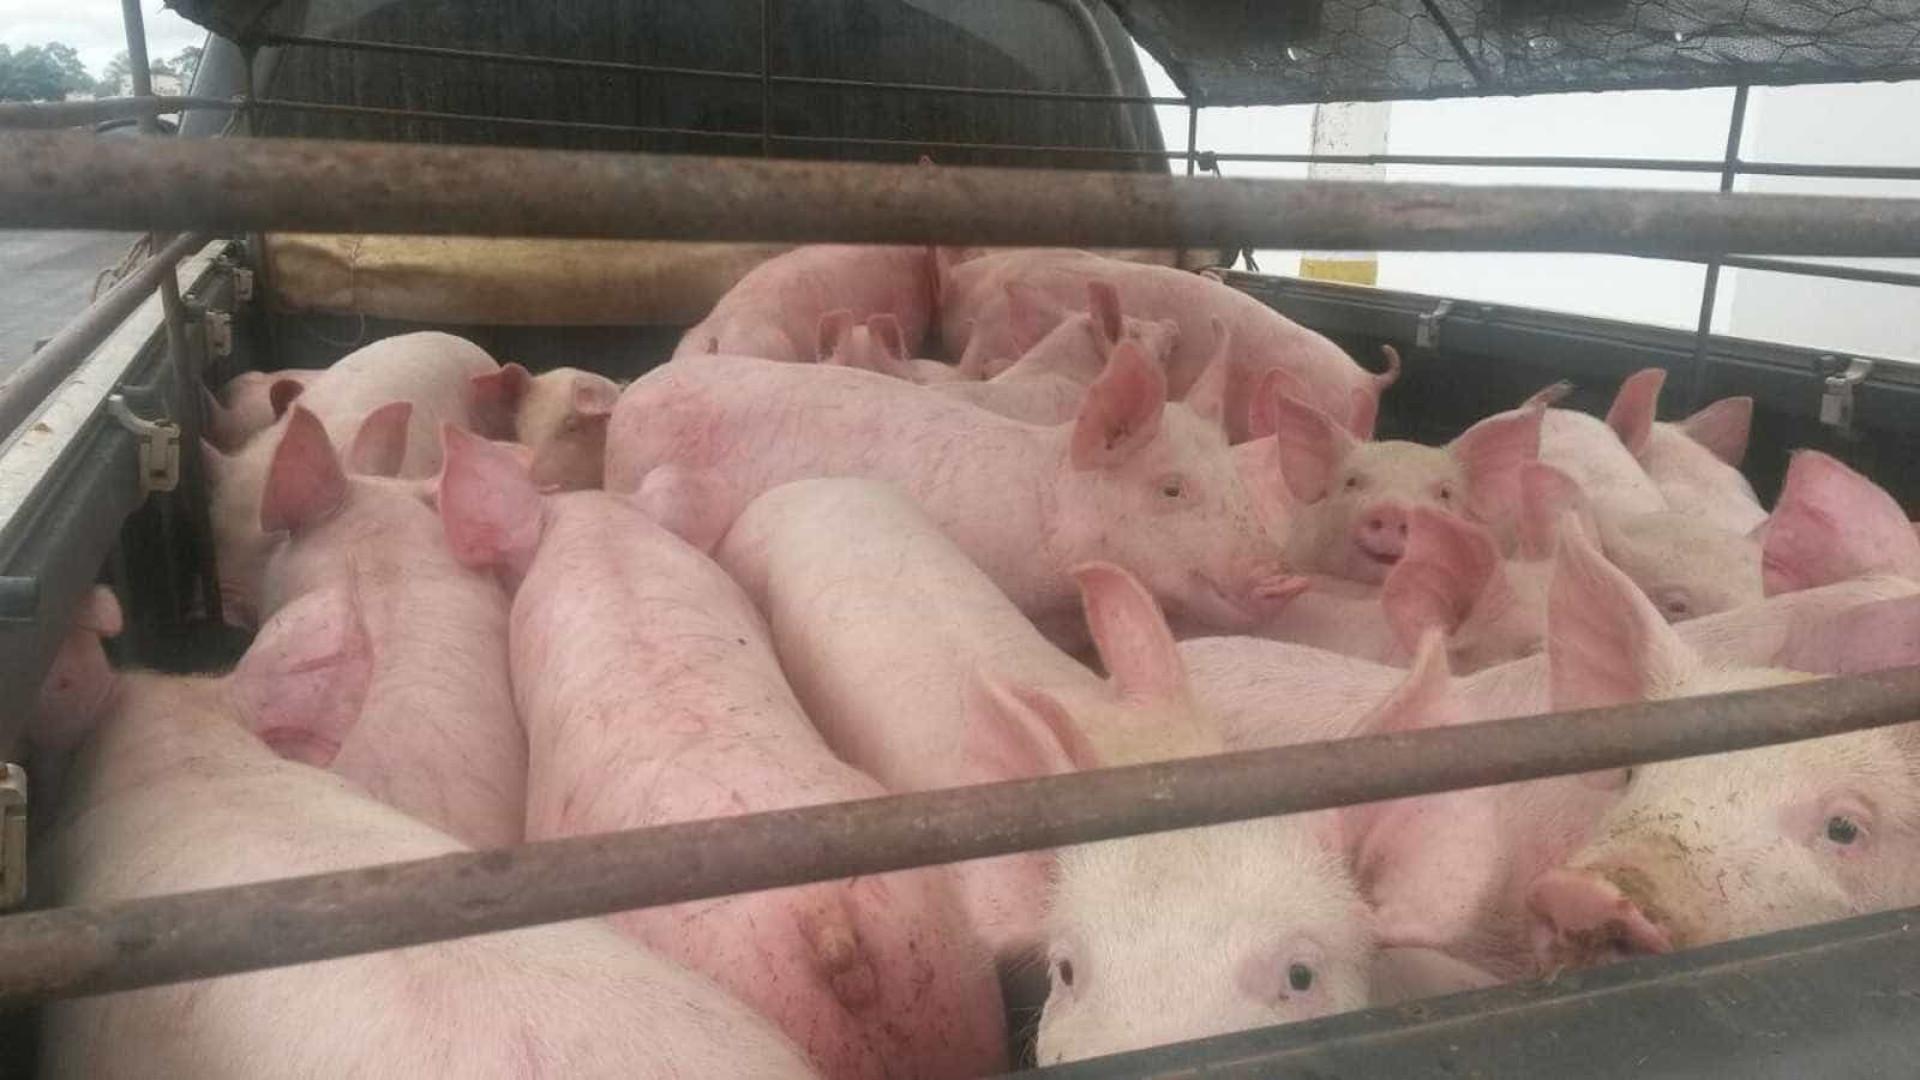 Motorista é multado por amontoar 32 porcos em pequena caminhonete